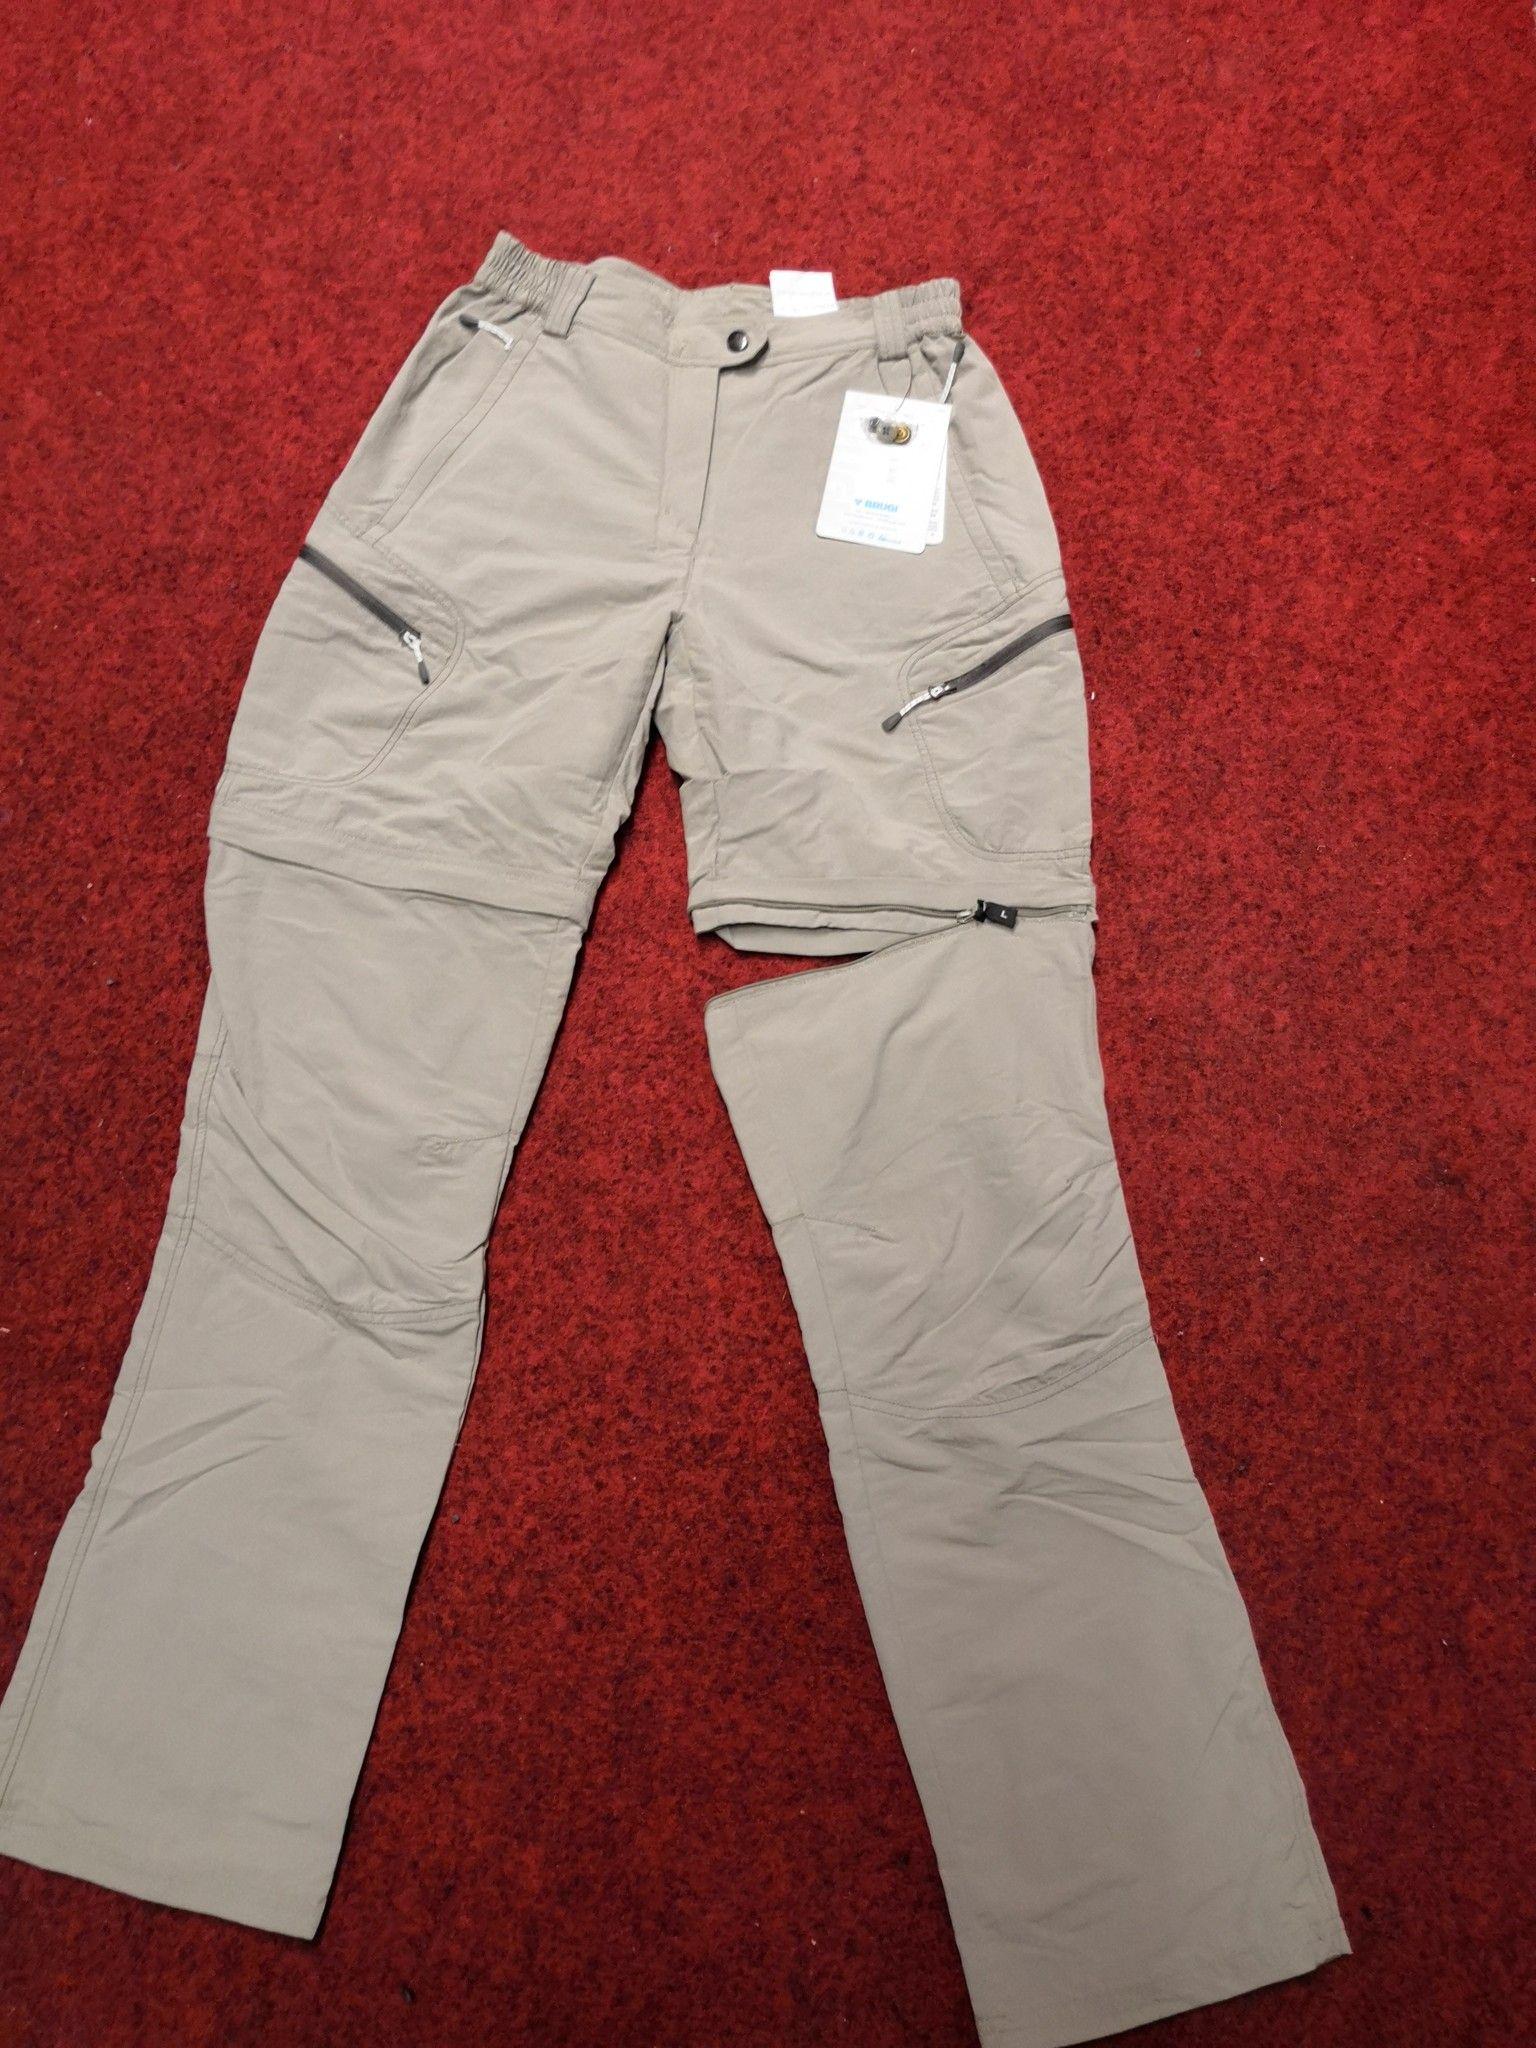 b9106eb522 PANTALONI DONNA OUTDOOR BRUGI | Abbigliamento Donna Pantaloni | Shop  Online: Forchini di tutto di più